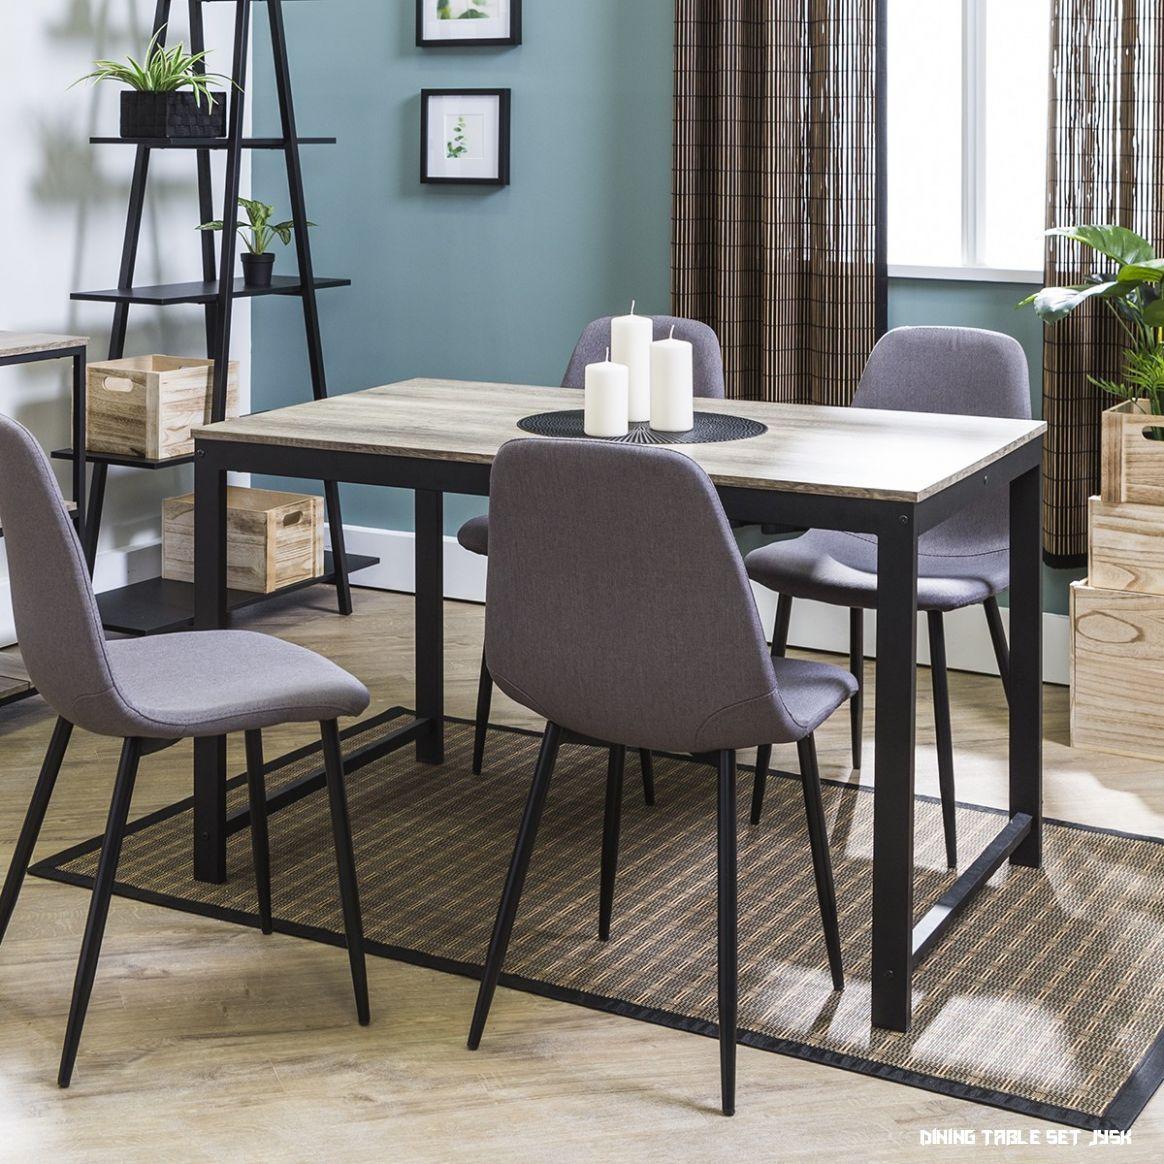 9 Dining Table Set Jysk   Dining table, Dining table setting ...